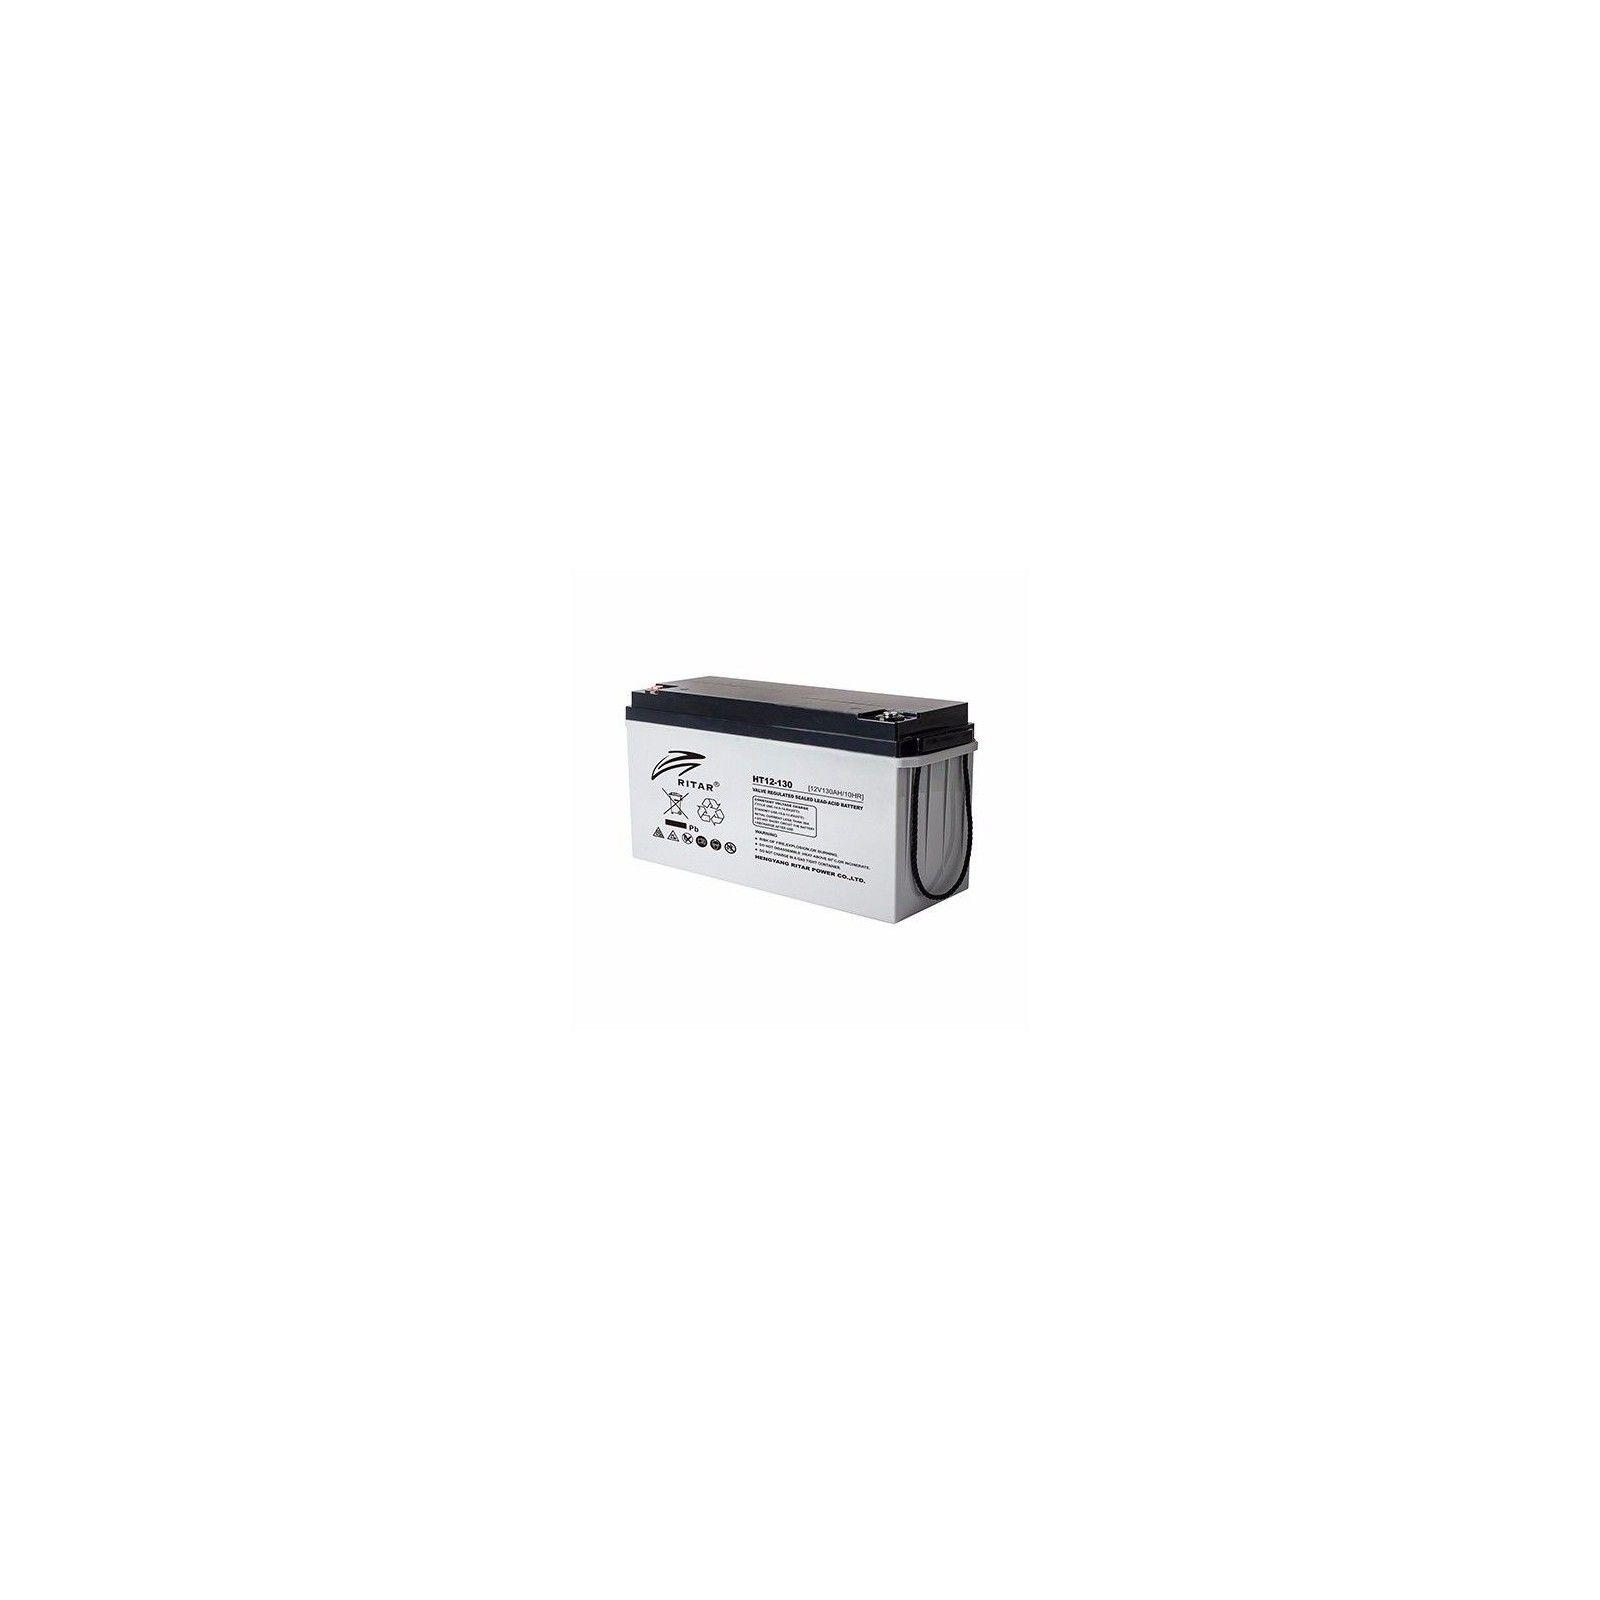 Batería Ritar HT12-110 116,4Ah 12V Ht RITAR - 1